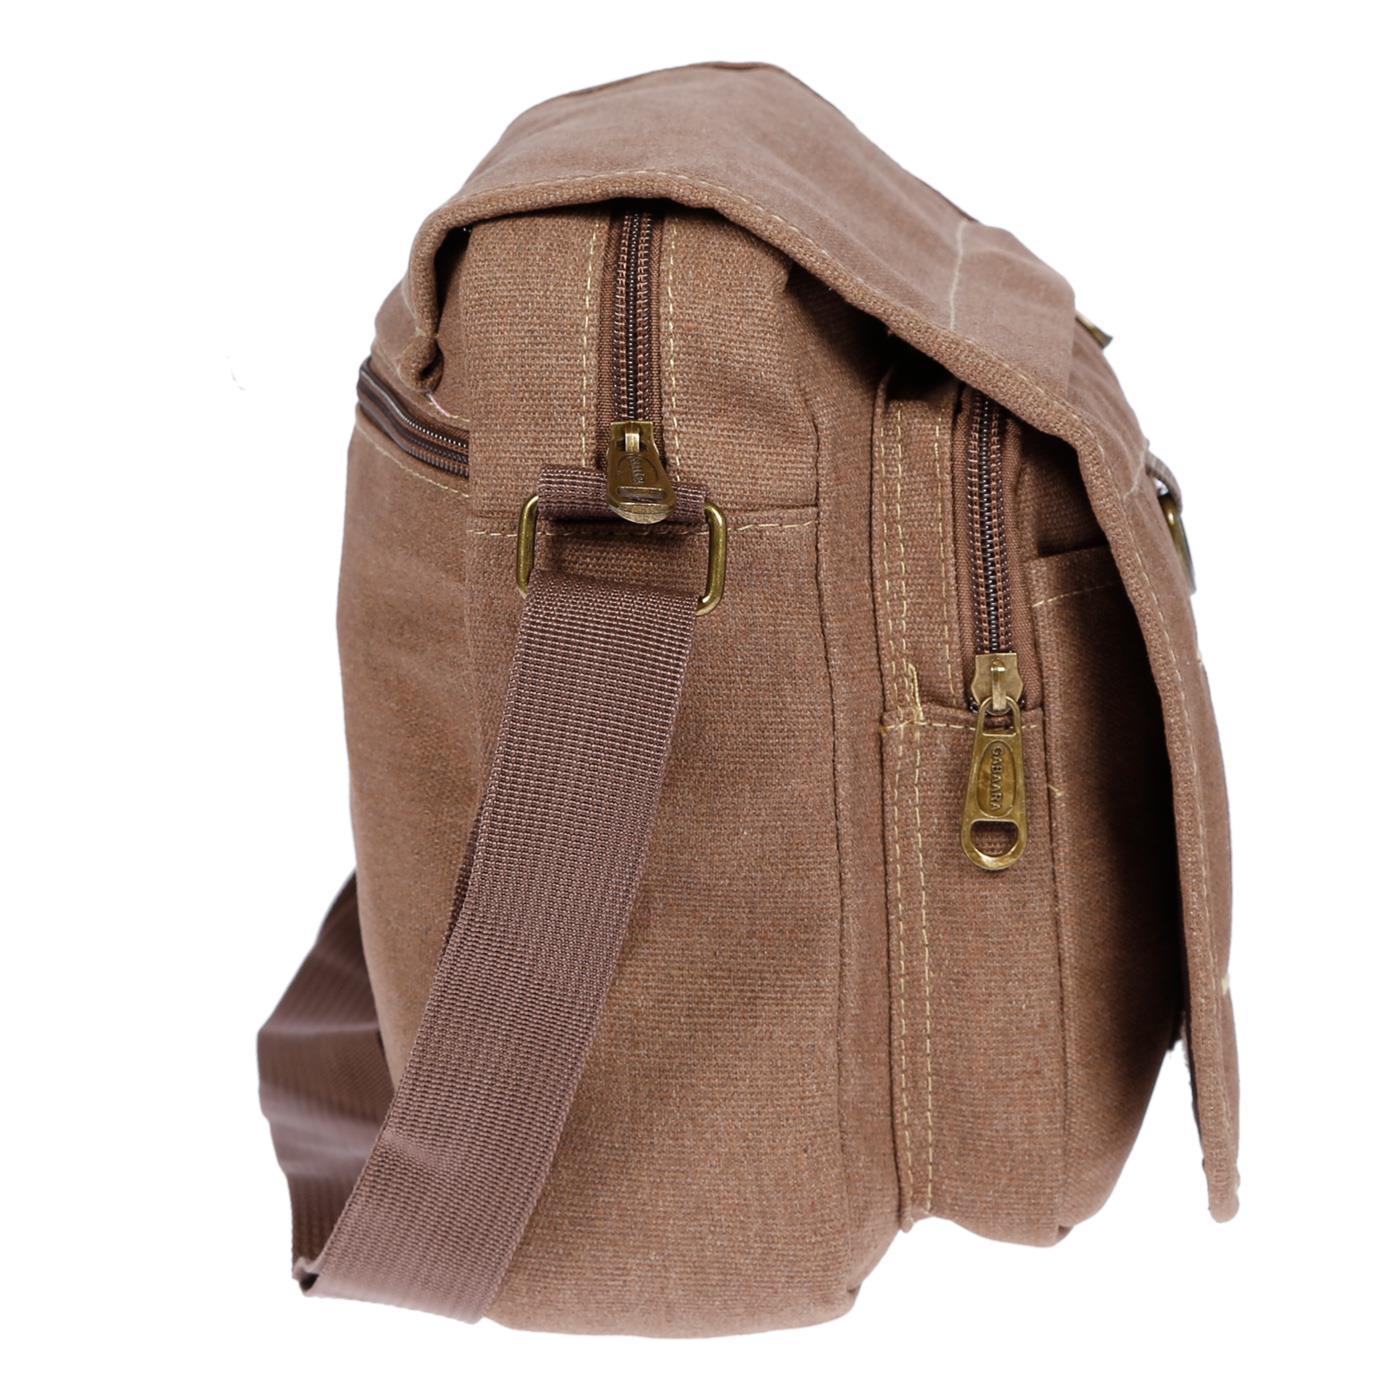 Damen-Herren-Tasche-Canvas-Umhaengetasche-Schultertasche-Crossover-Bag-Handtasche Indexbild 23